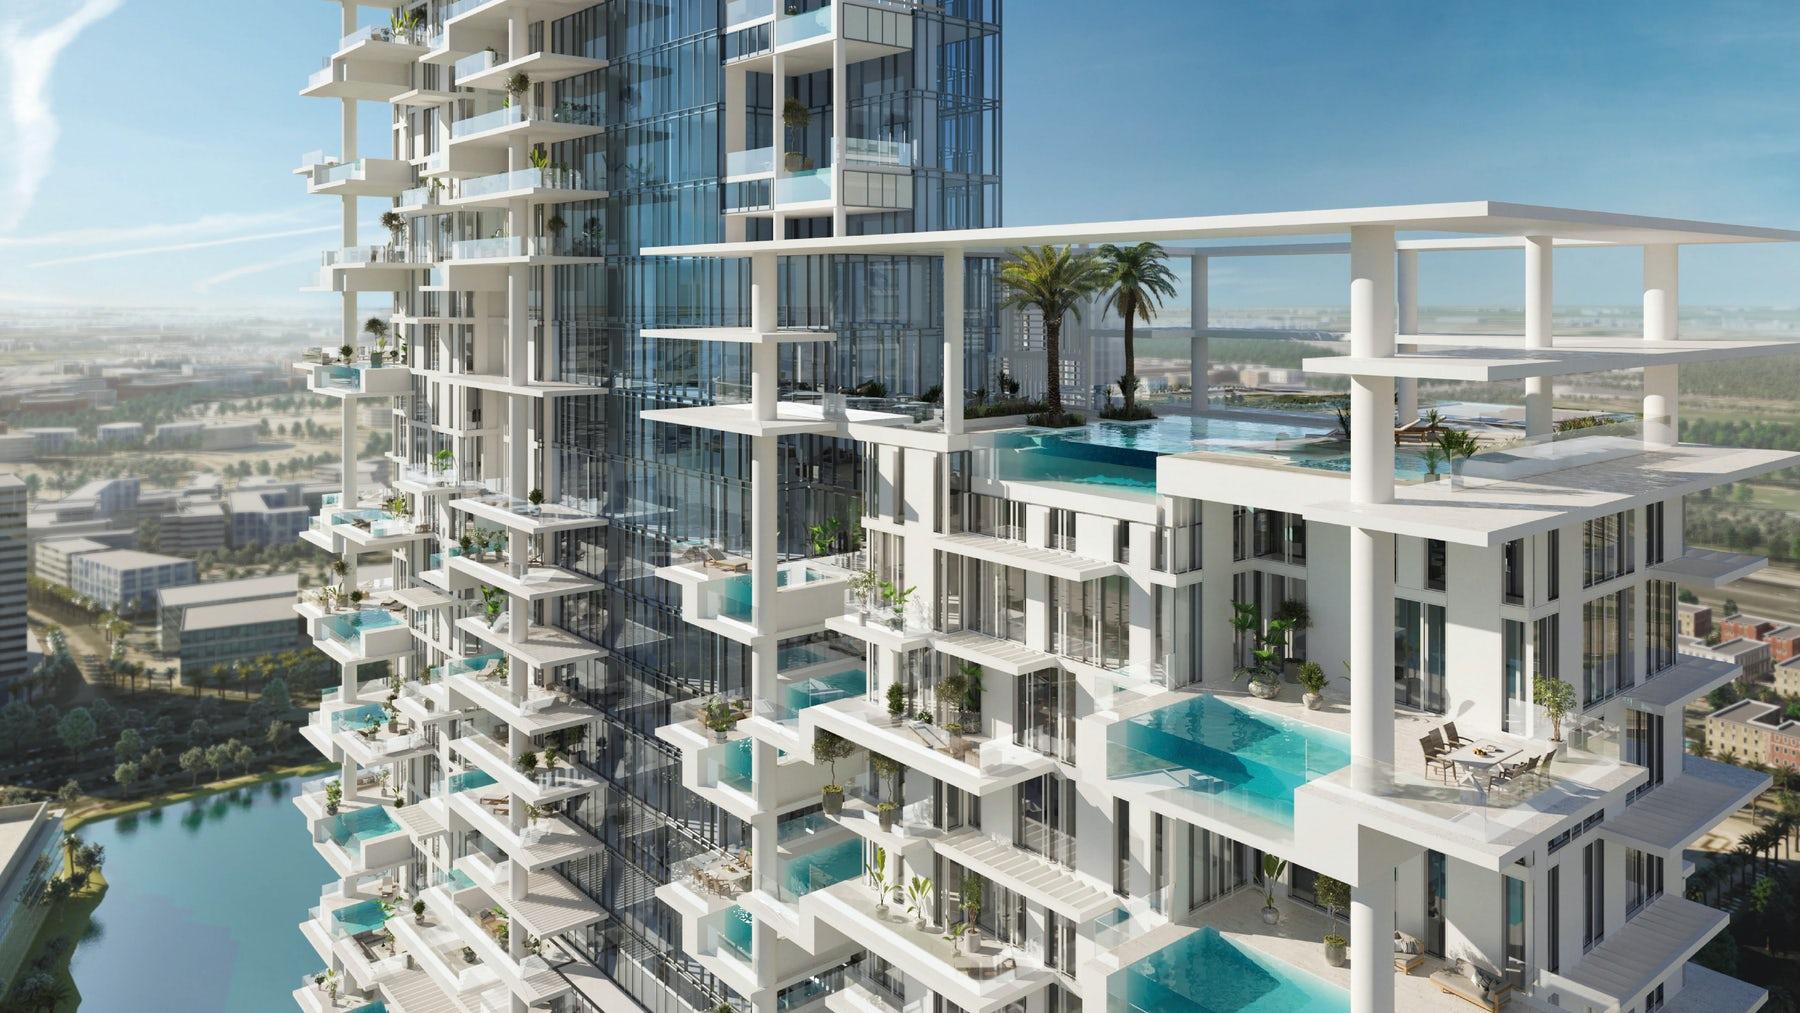 Roberto Cavalli Branches into Hotel Interior Design